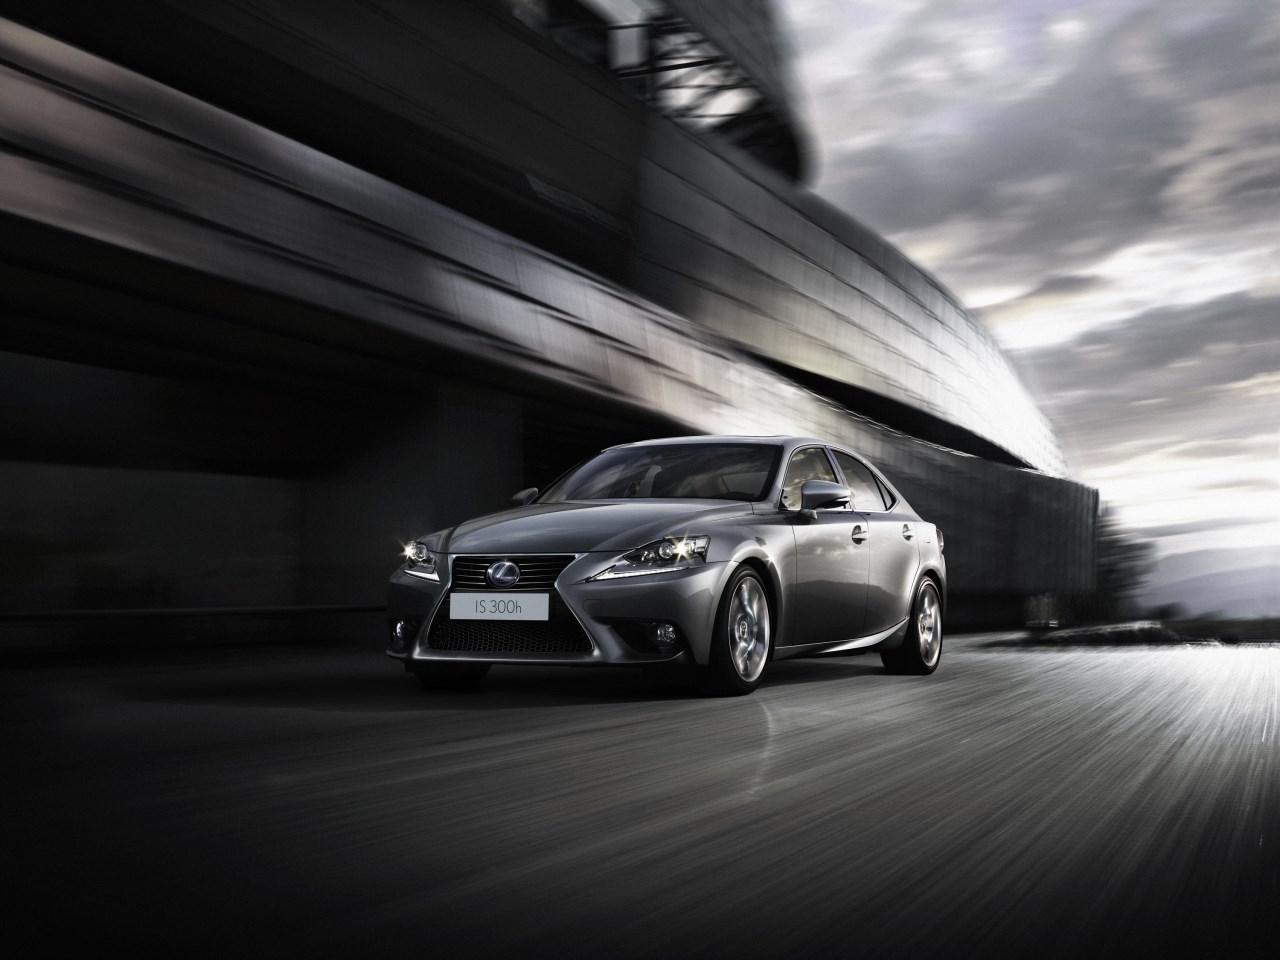 Foto de Lexus IS 300h (45/53)